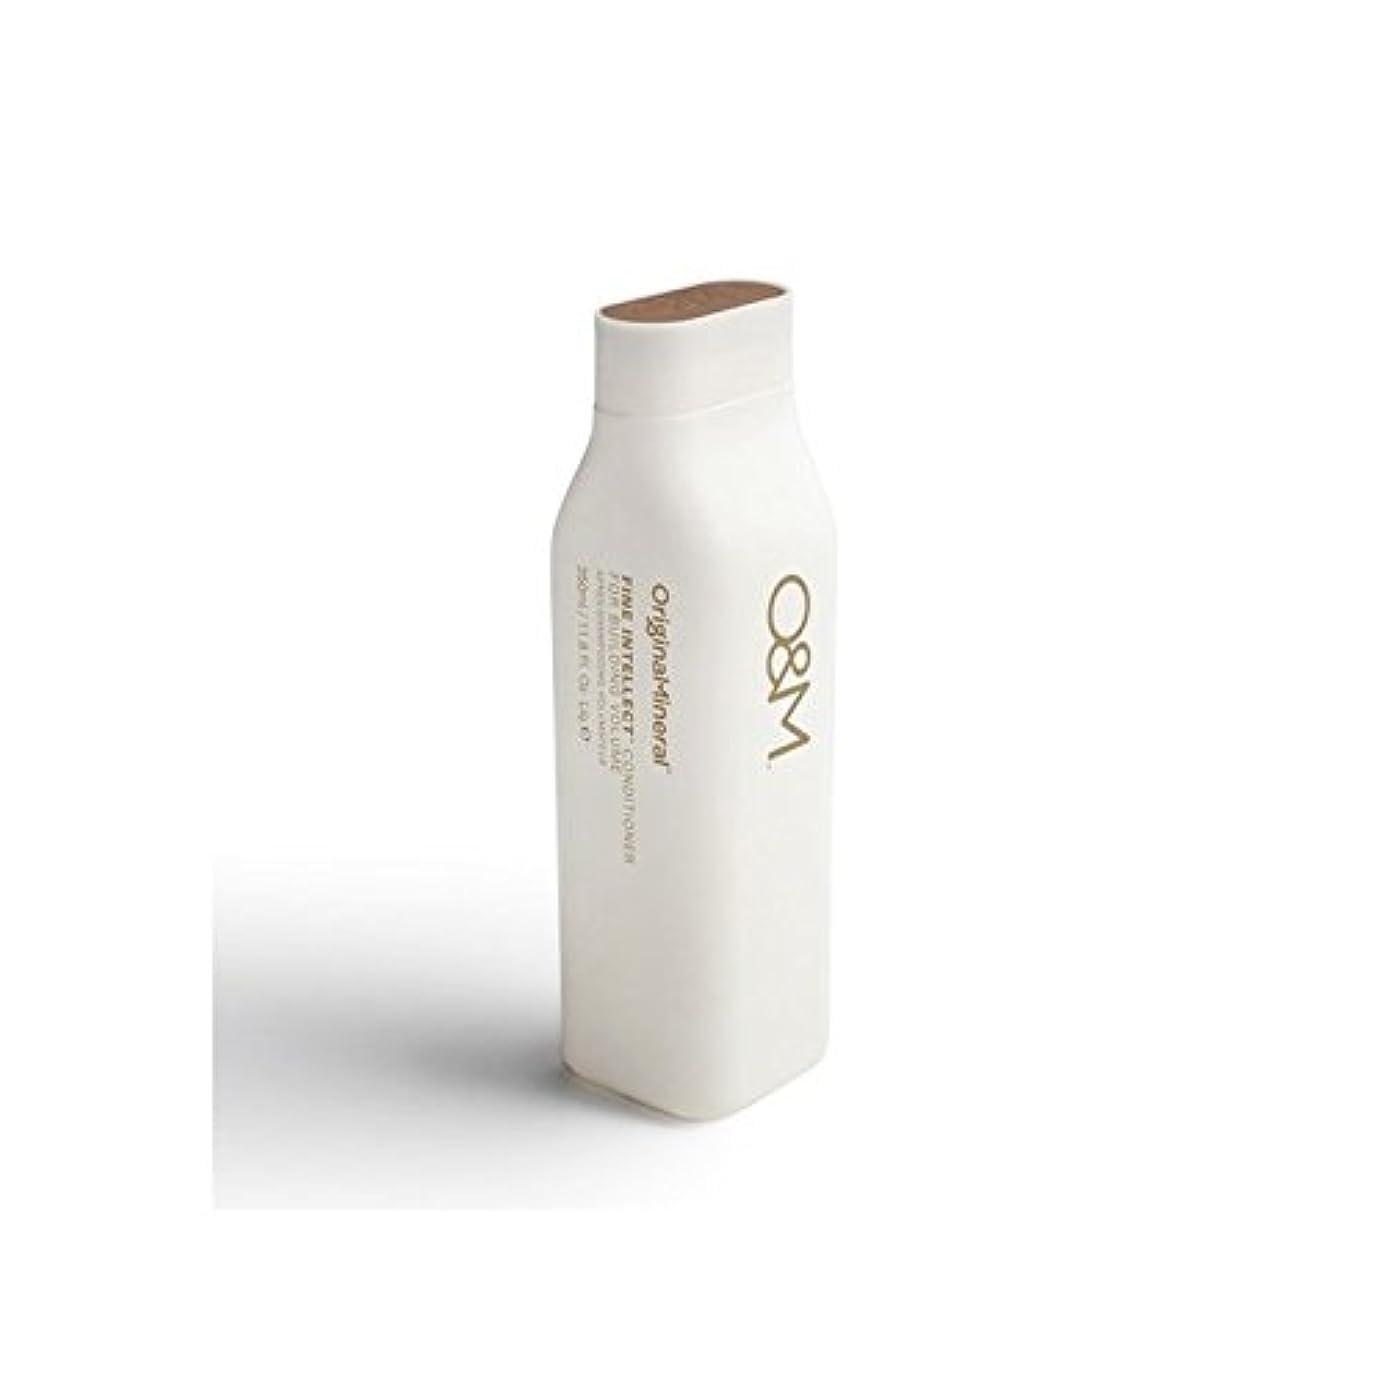 殺人取るパースブラックボロウOriginal & Mineral Fine Intellect Conditioner (350ml) (Pack of 6) - オリジナル&ミネラル細かい知性コンディショナー(350ミリリットル) x6 [並行輸入品]